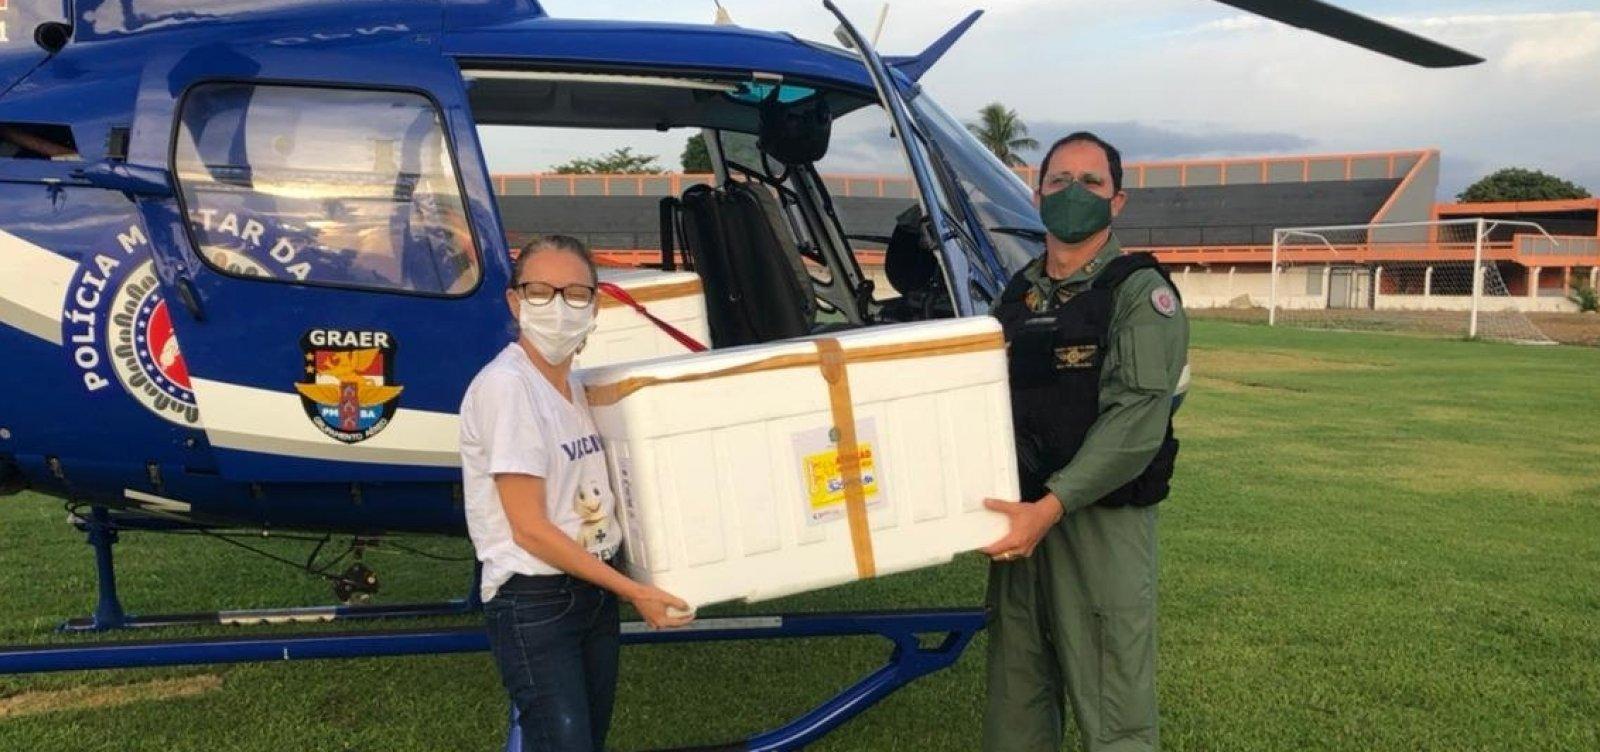 Vacinas contra Covid-19 são transportadas para 30 cidades na Bahia